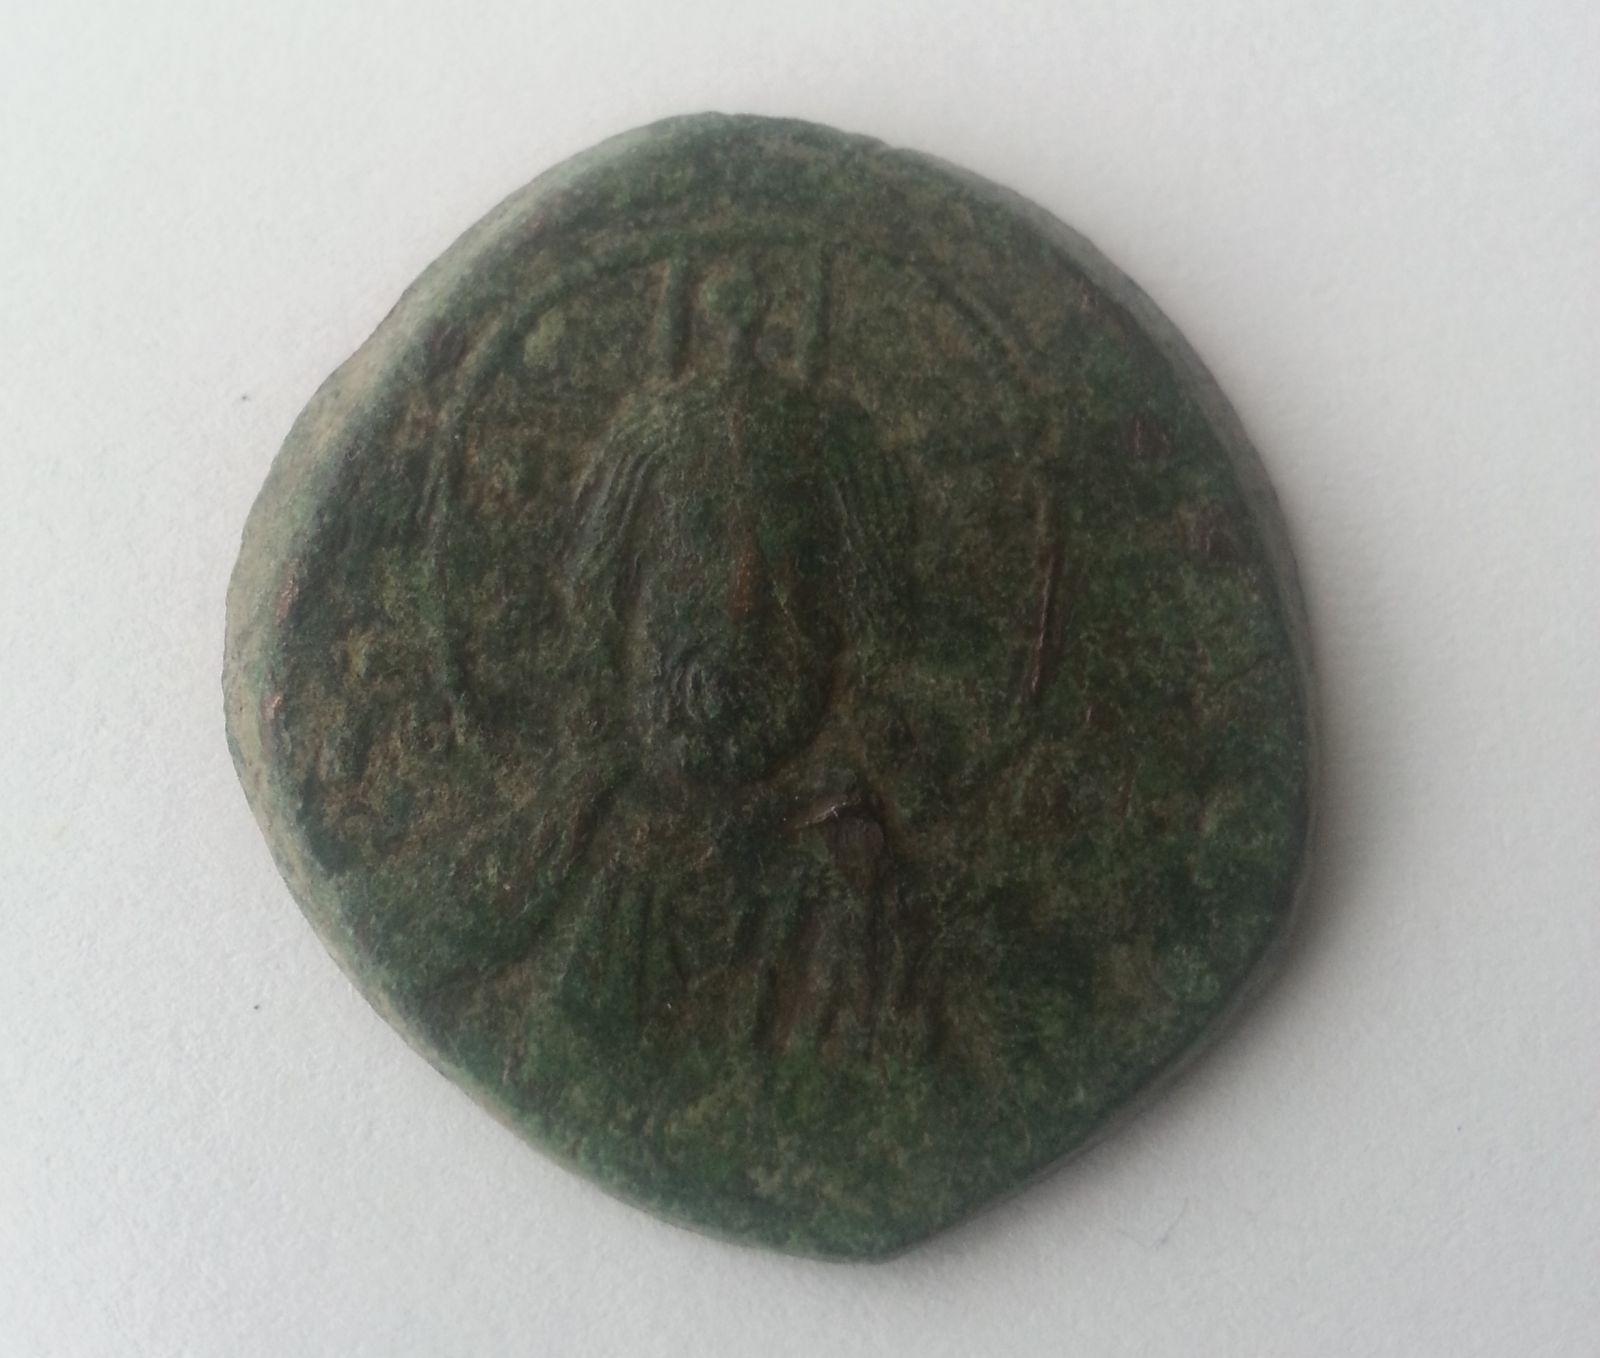 Follis anonymní, poprsí Krista, Basil II. a Constantin VIII., 976-1025, S:1813, Byzanc